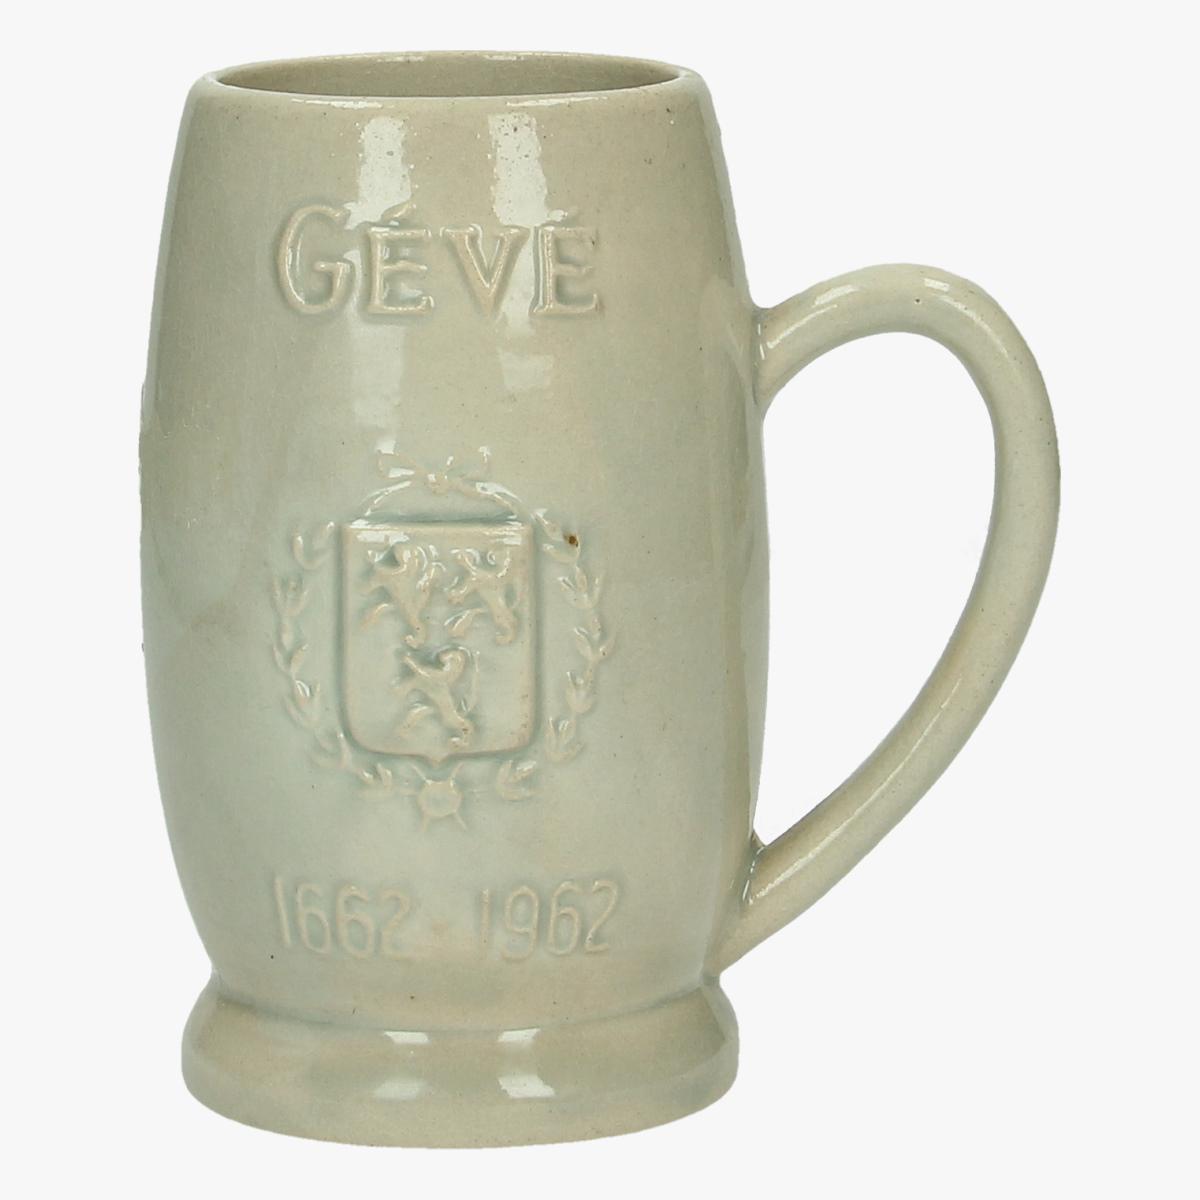 Afbeeldingen van oude stenen drinkpot Gévé